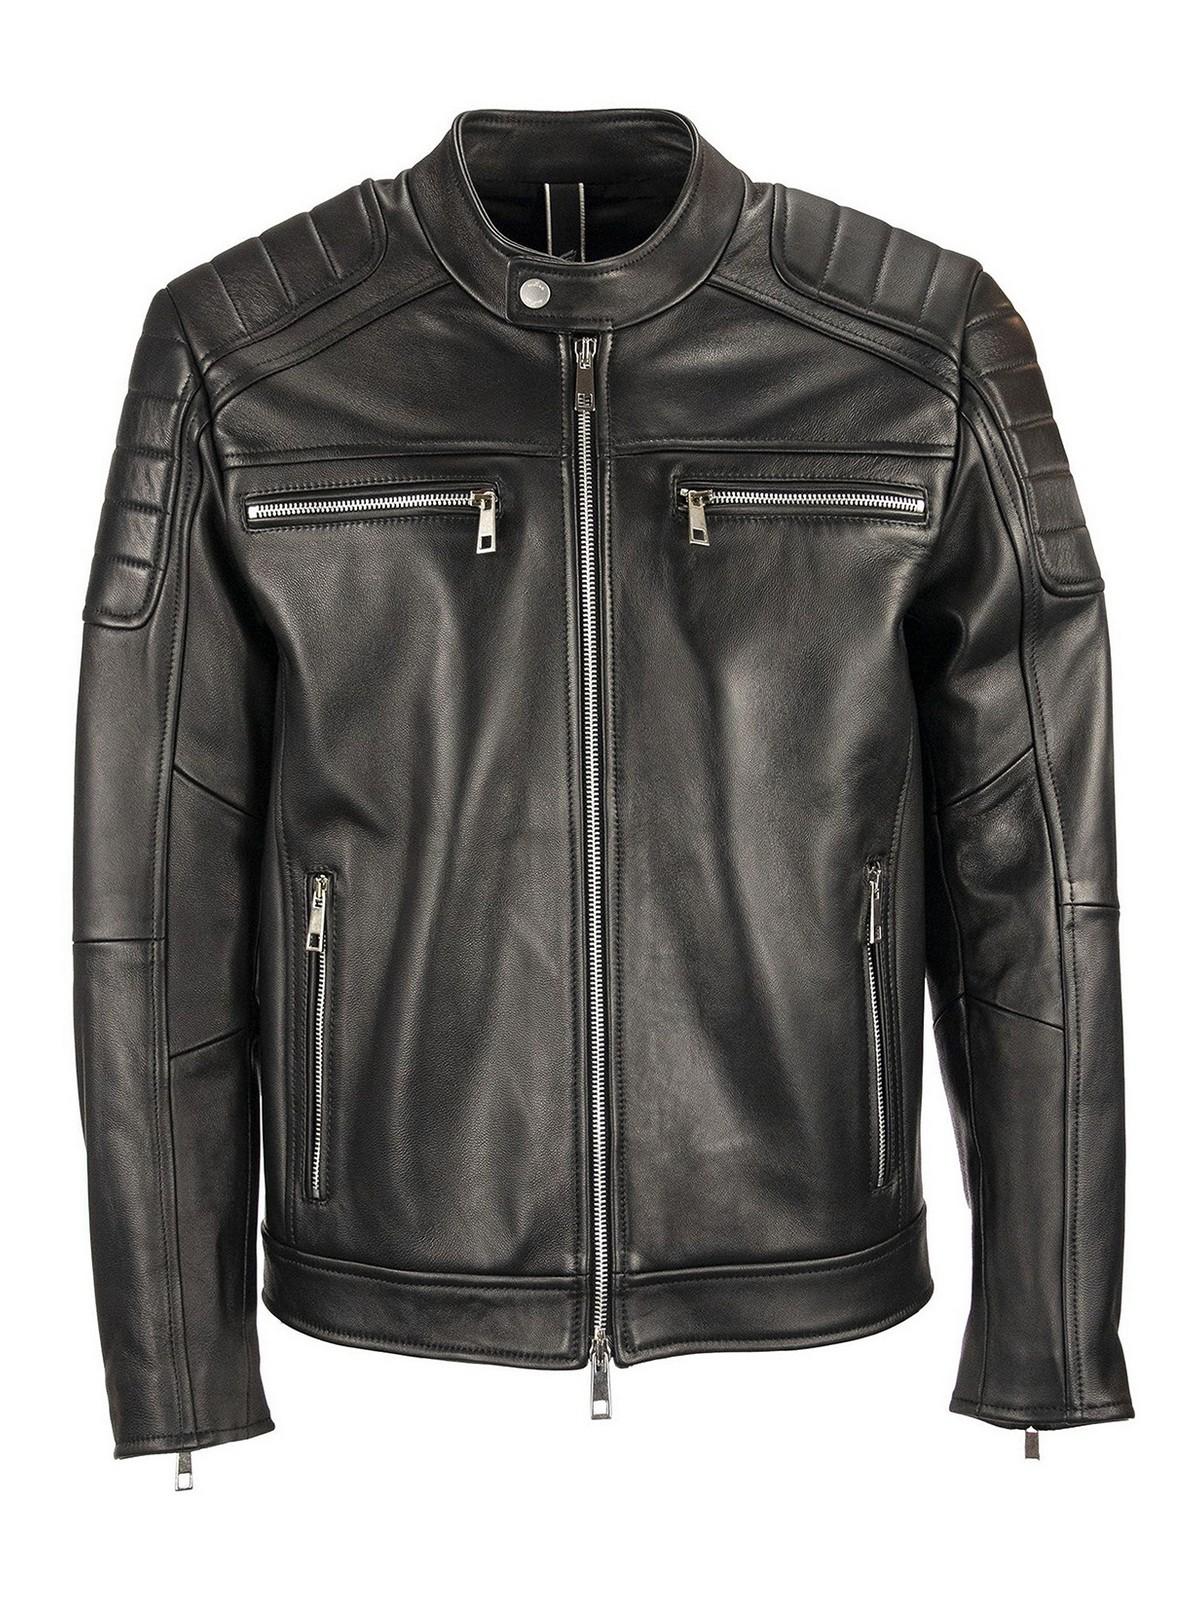 Leather jacket Hogan - Leather biker jacket - KJM1241205PRQYB999